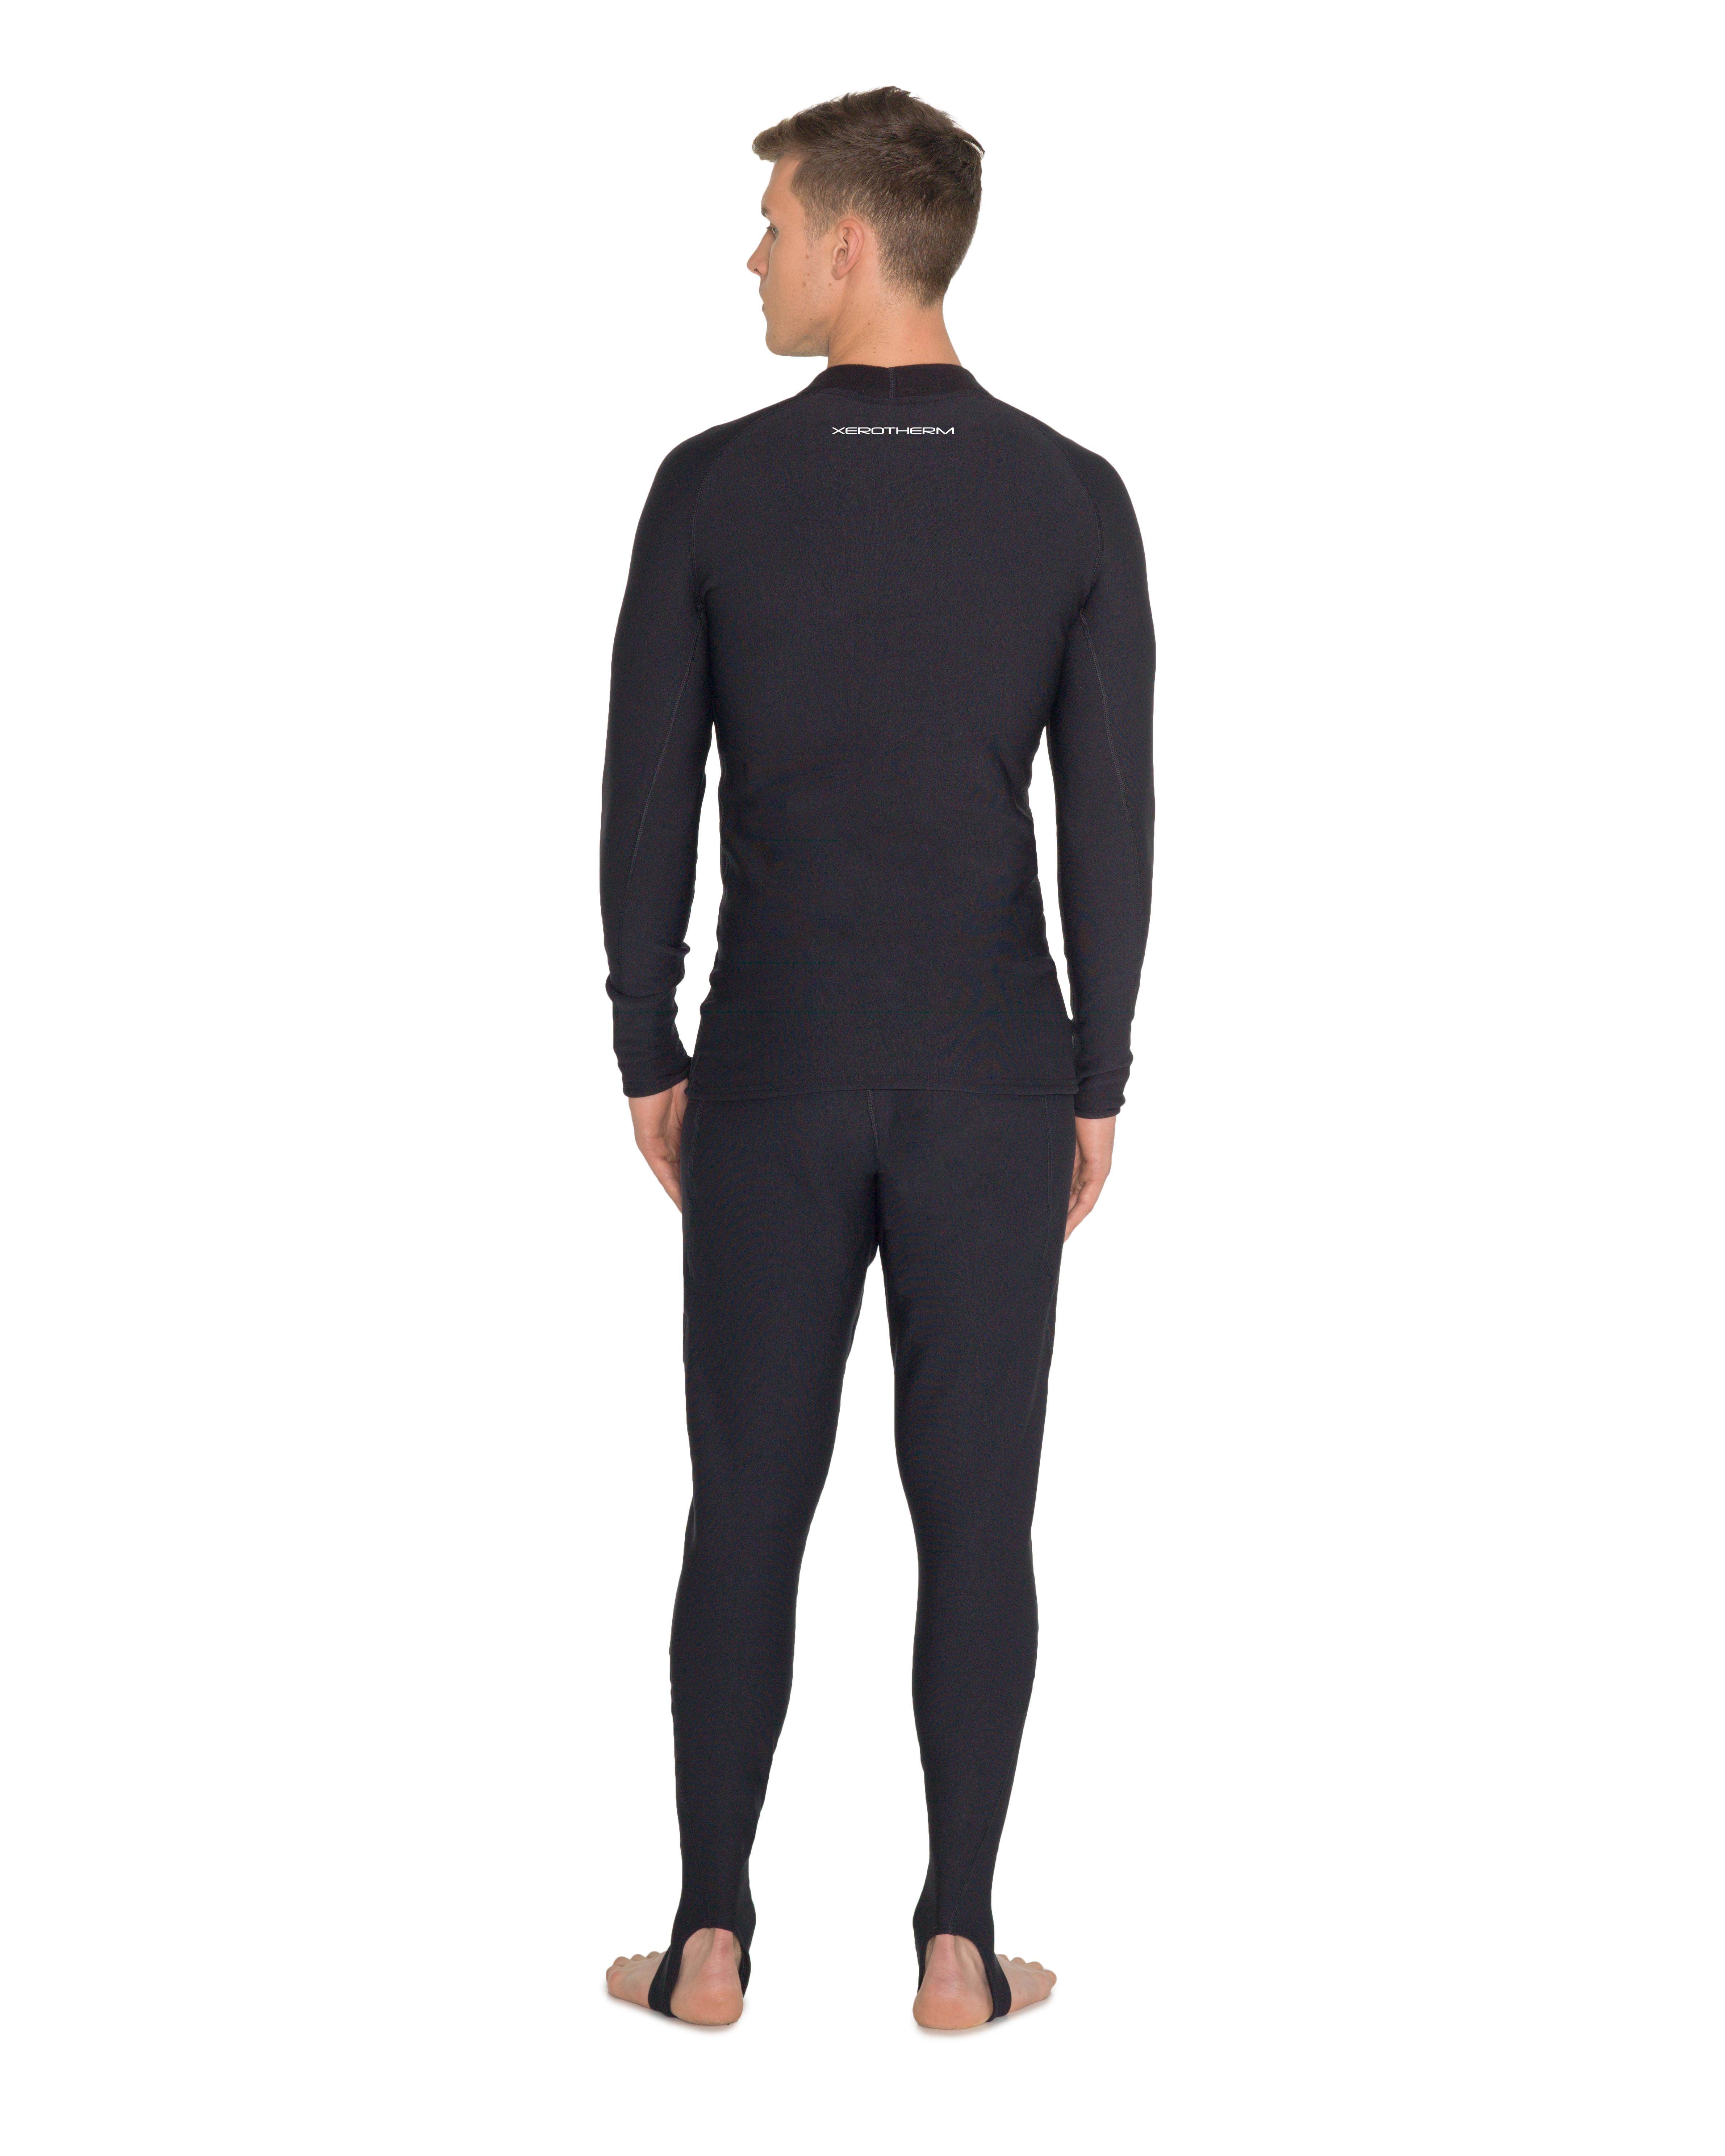 Xerotherm Long Sleeve (Ladies / Men's)